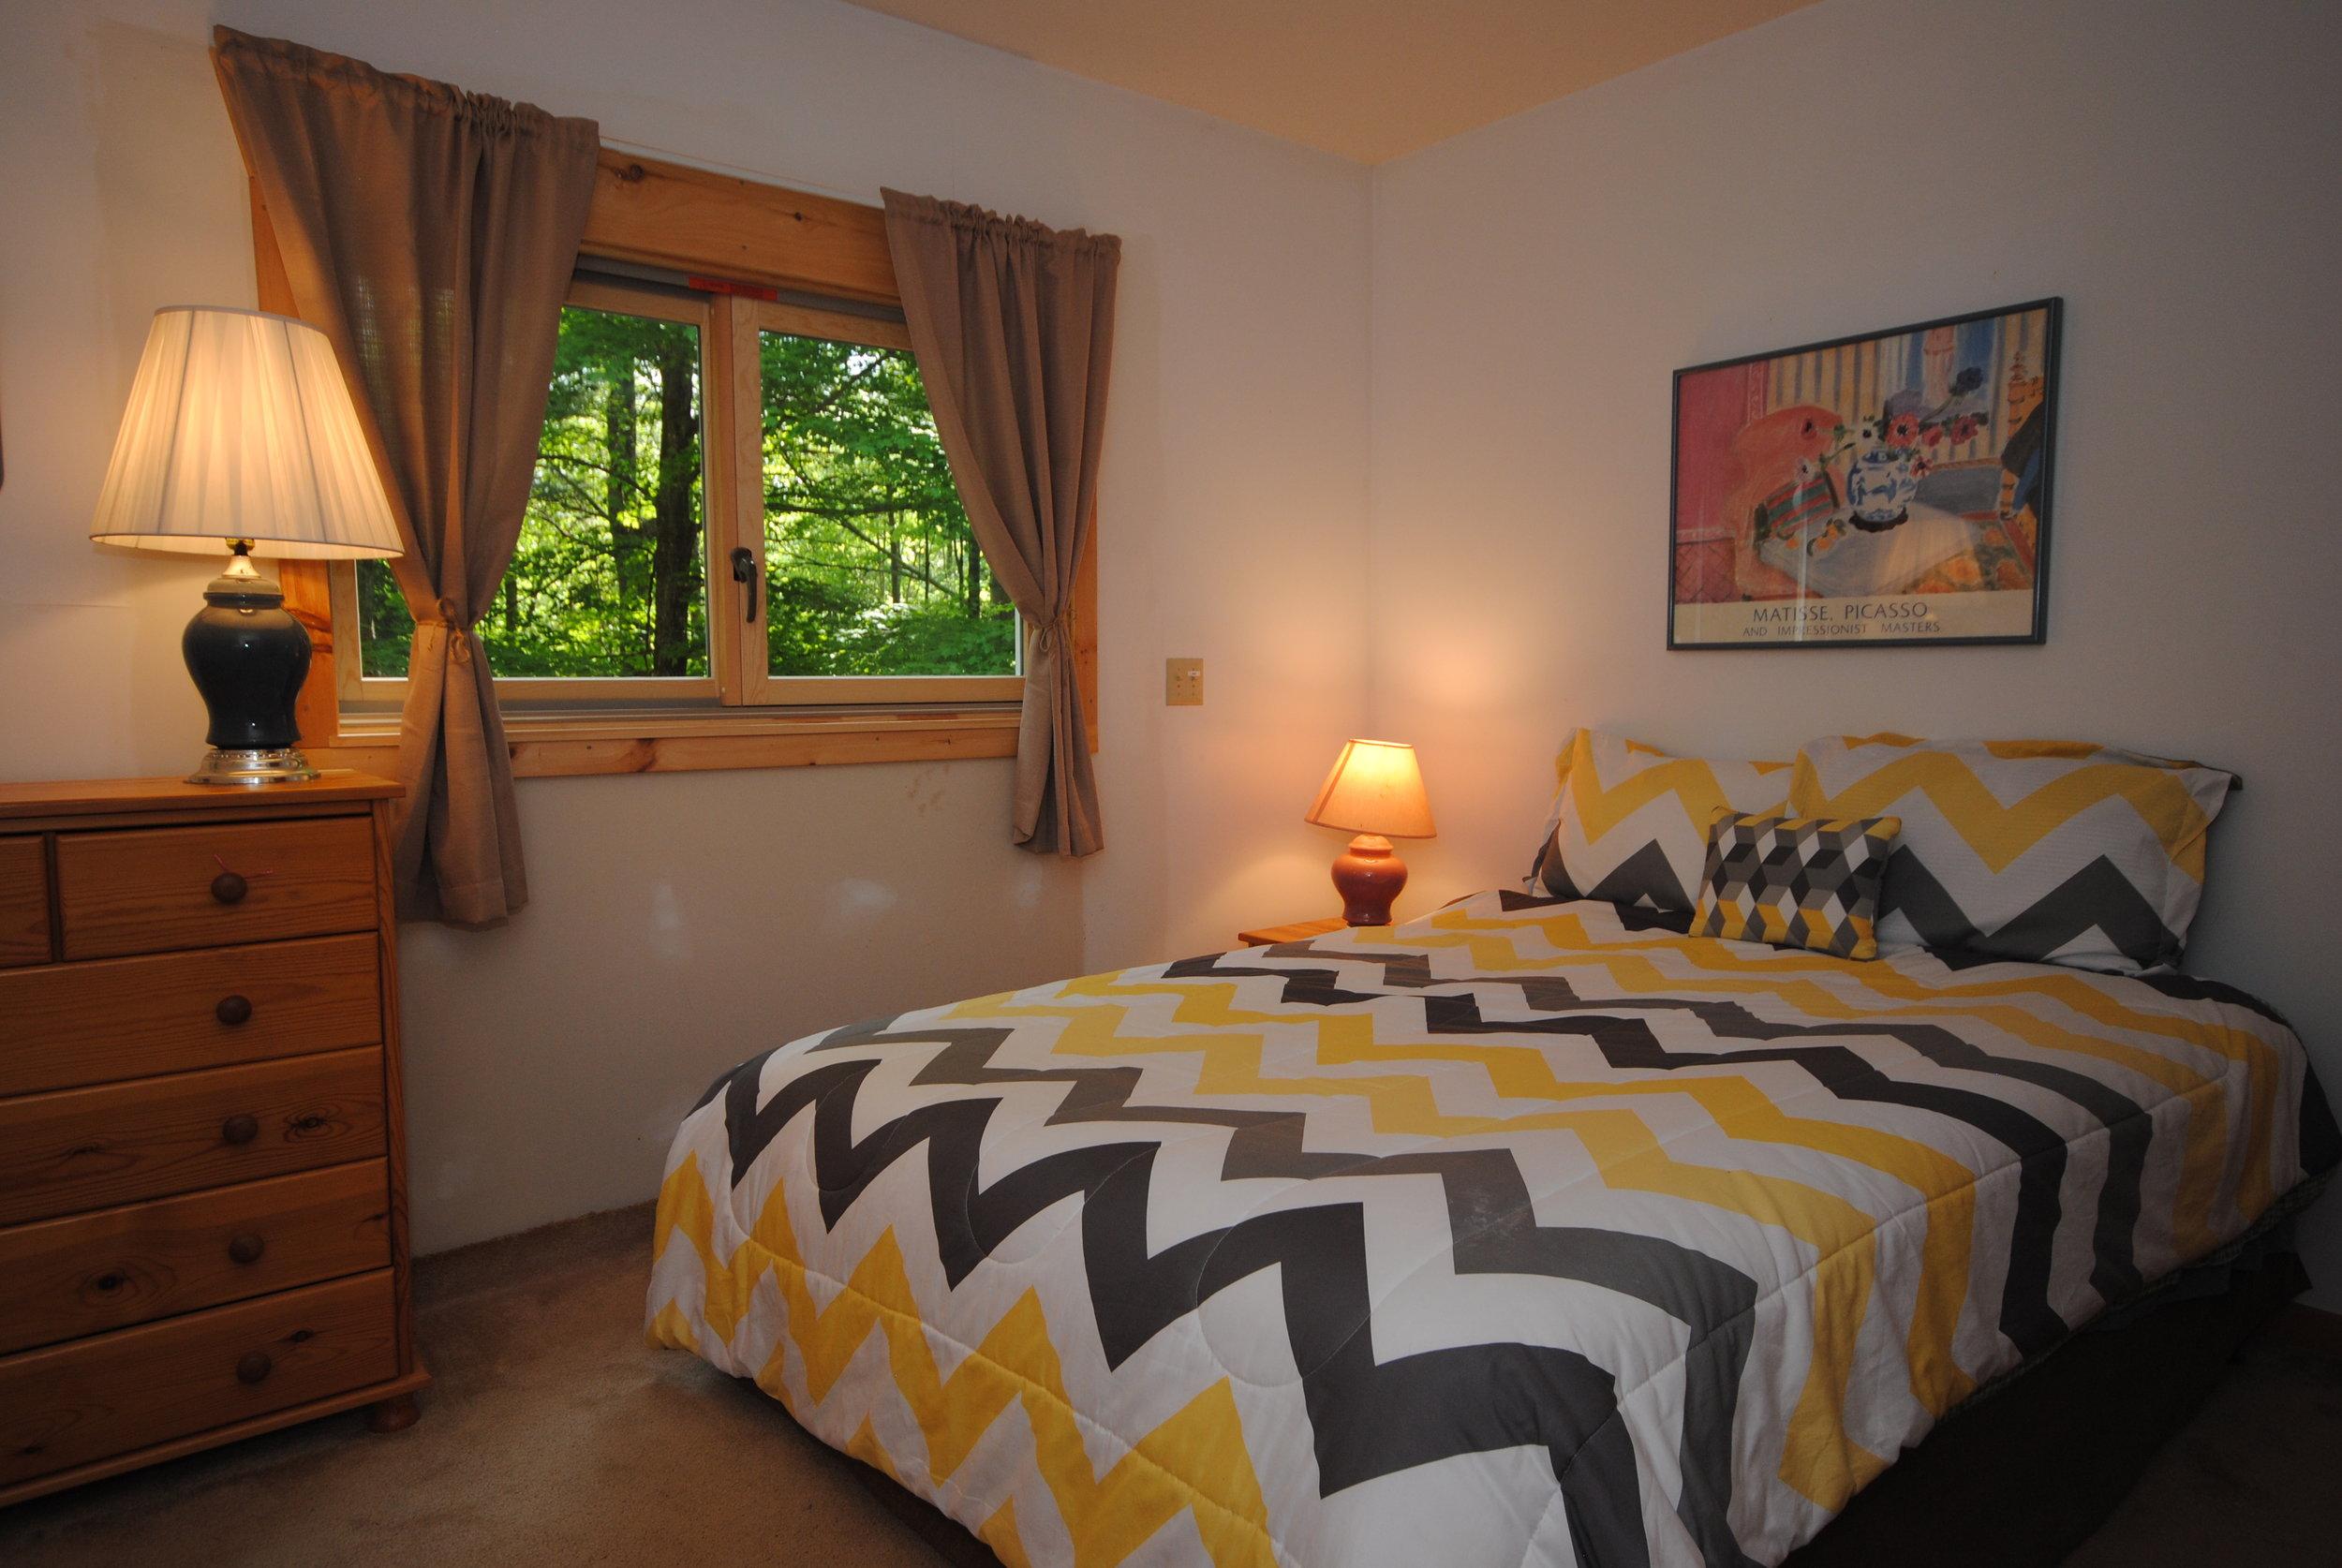 006_Downstairs Guest Bedroom.jpg